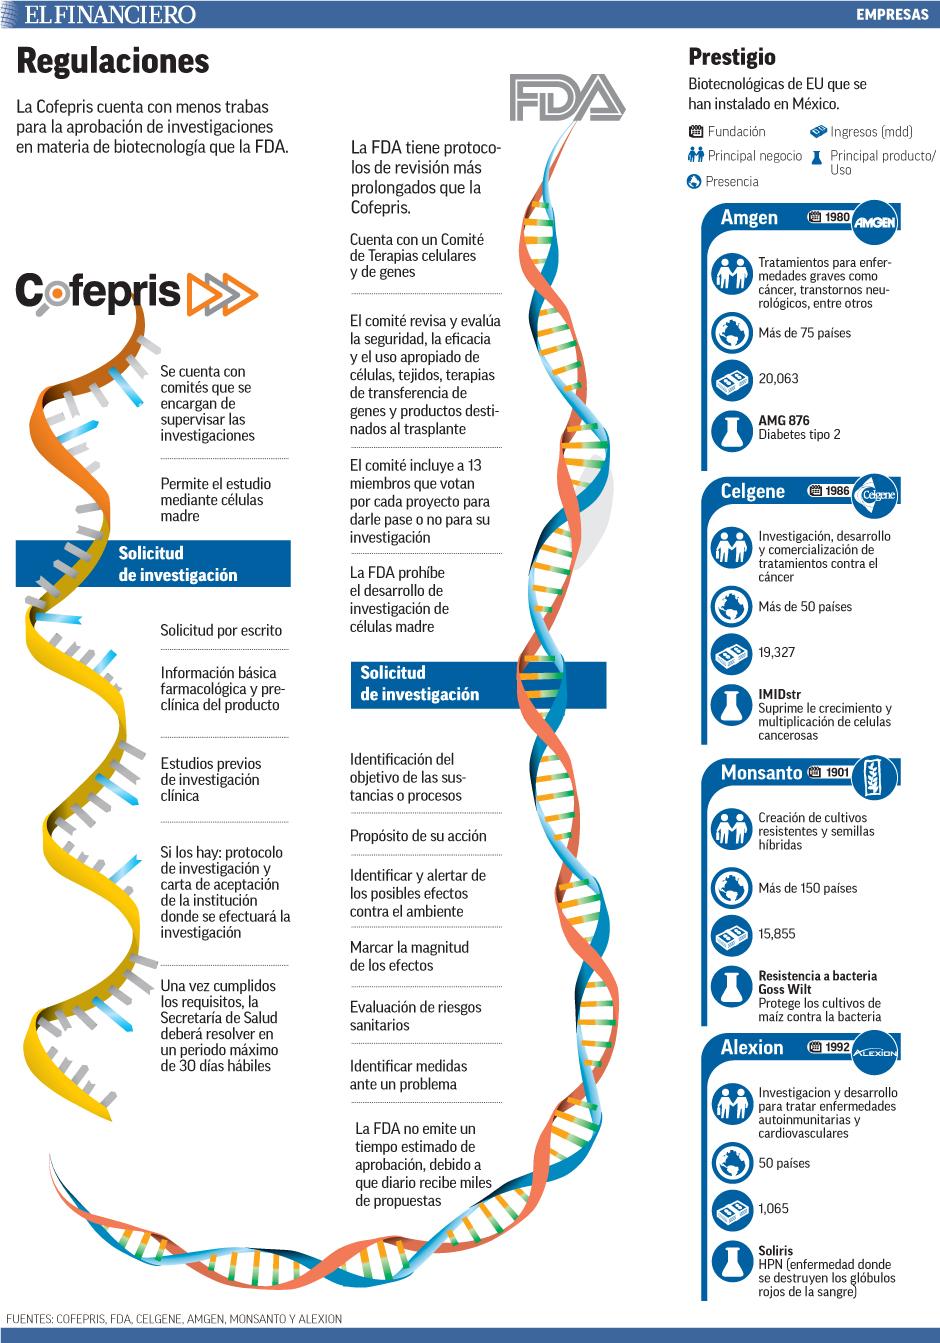 La Cofepris cuenta con menos trabas para la aprobación de investigaciones en materia de biotecnología que la FDA.